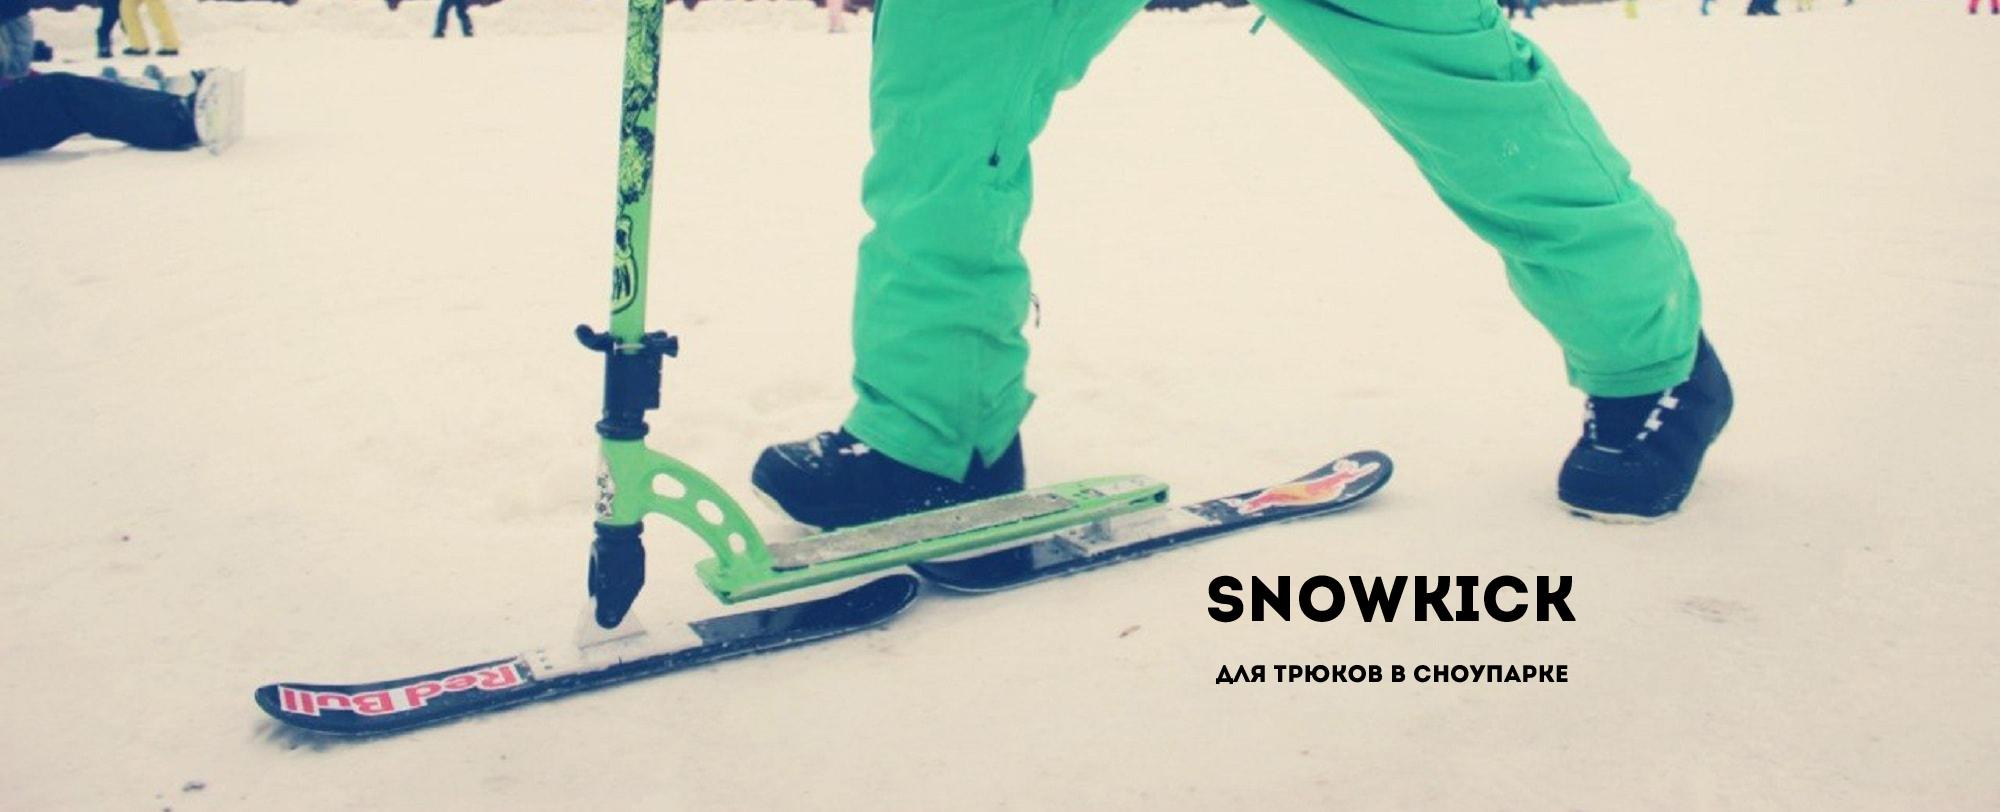 snowkick_2